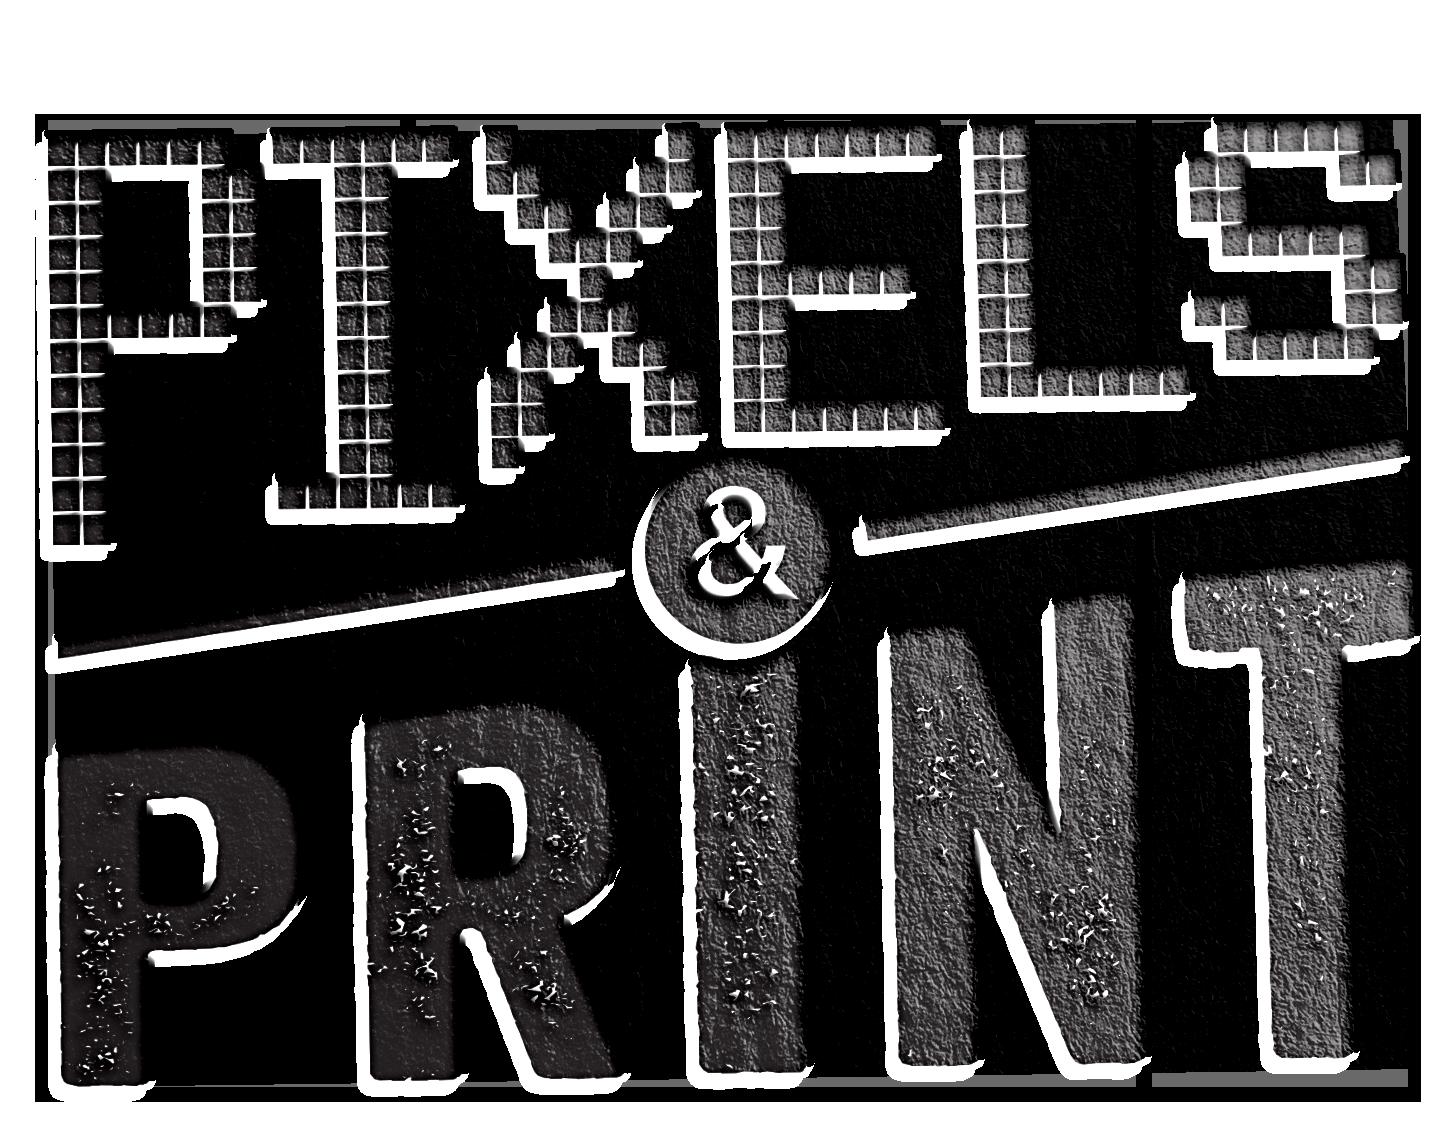 Pixels vs. Print